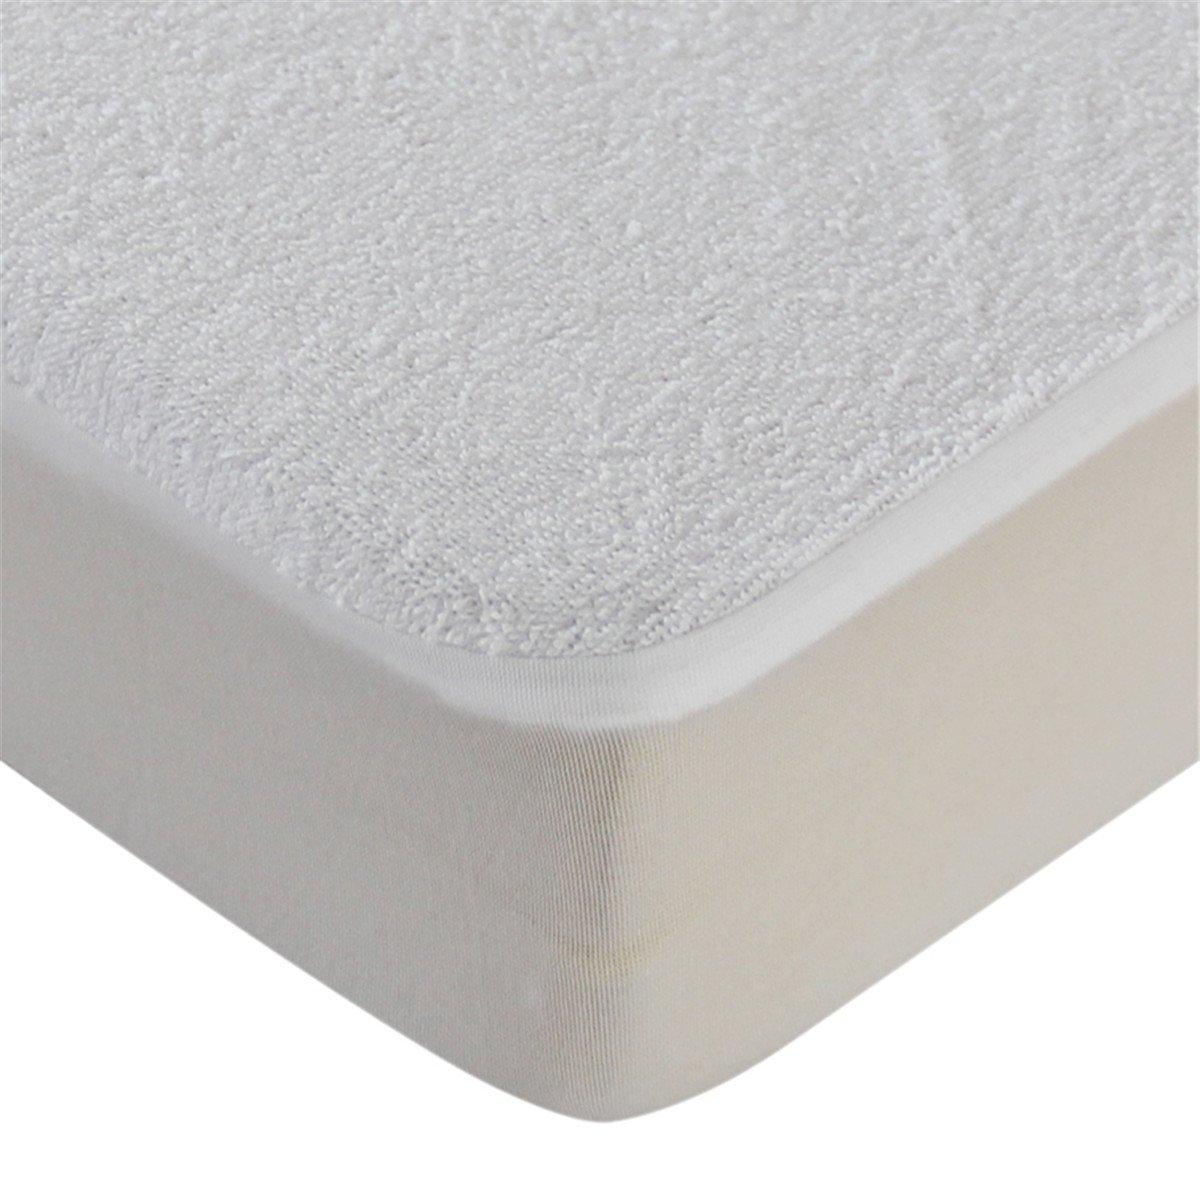 Dudu N Girlie en tissu /éponge coton 100/% /étanche Al/èse Berceau 40/cm x 95/cm